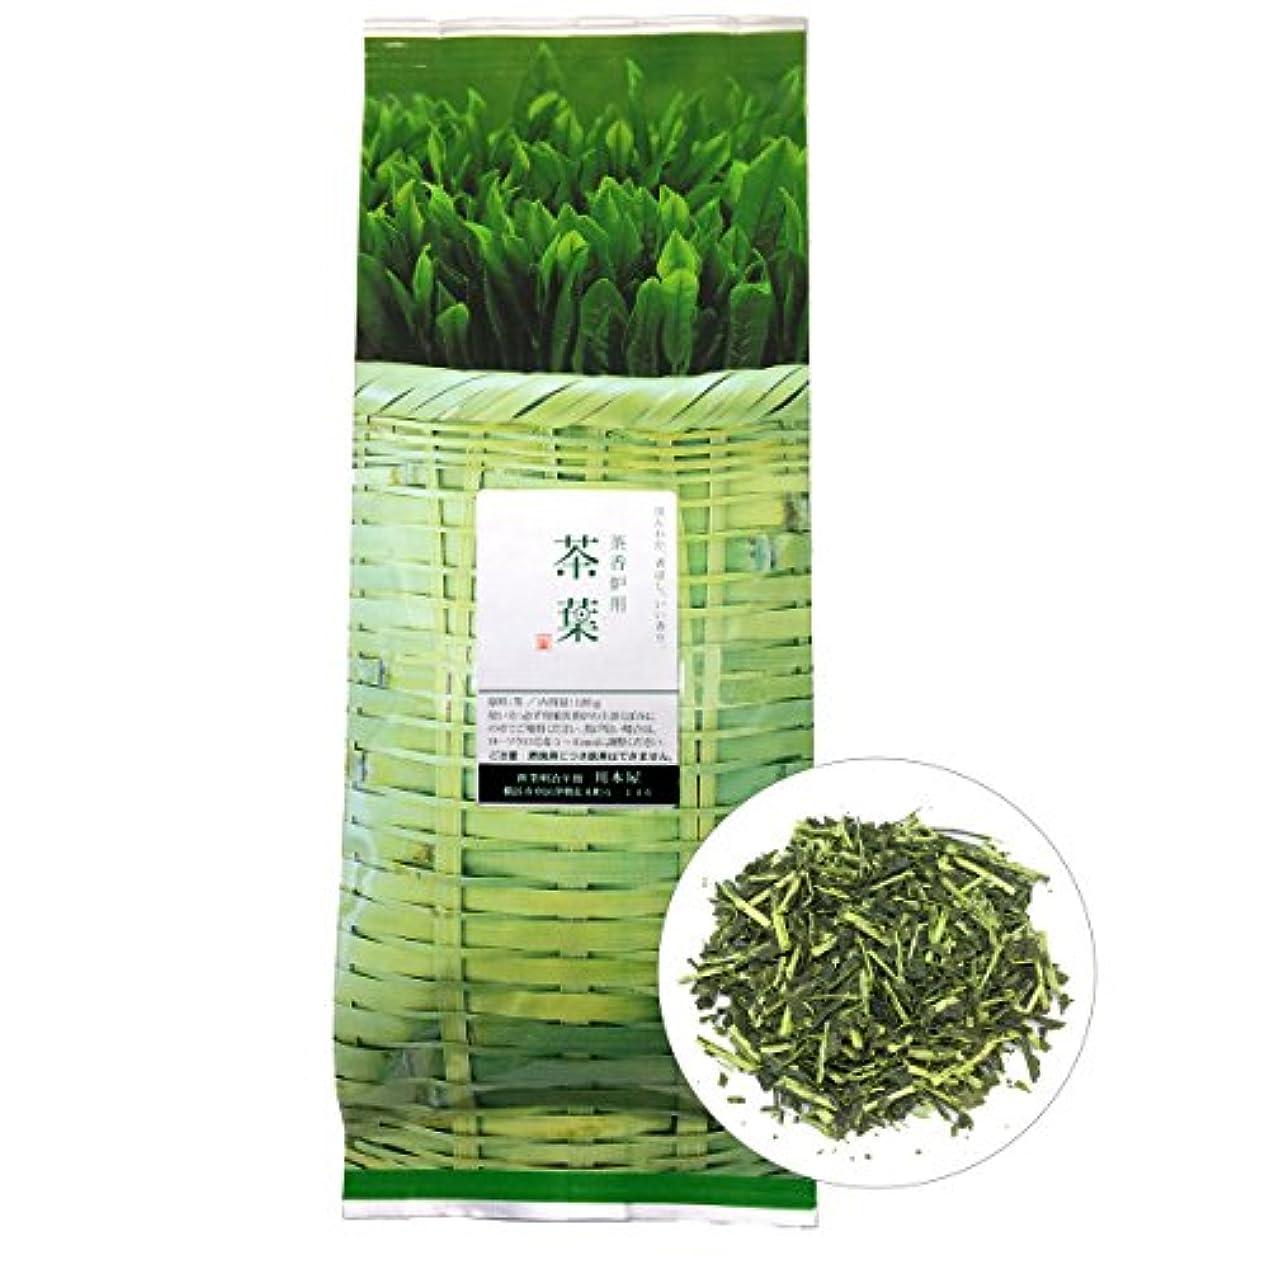 青写真貧困アリス国産 茶香炉専用 茶葉110g (1袋) 川本屋茶舗